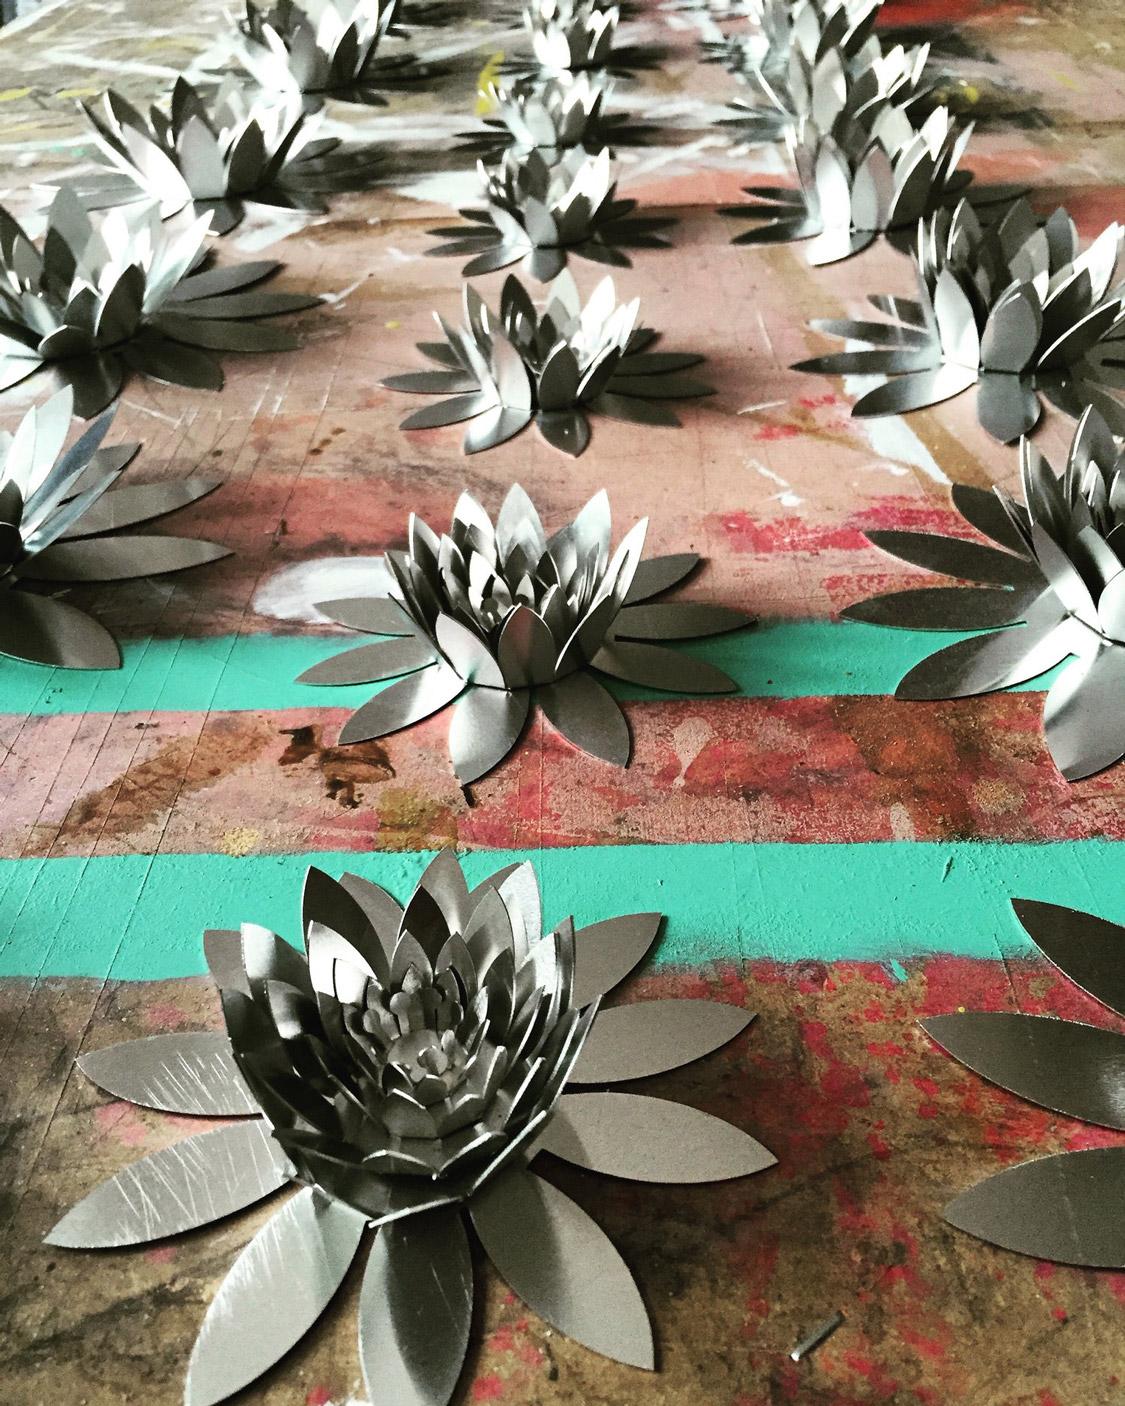 selfridges-prop-making-2